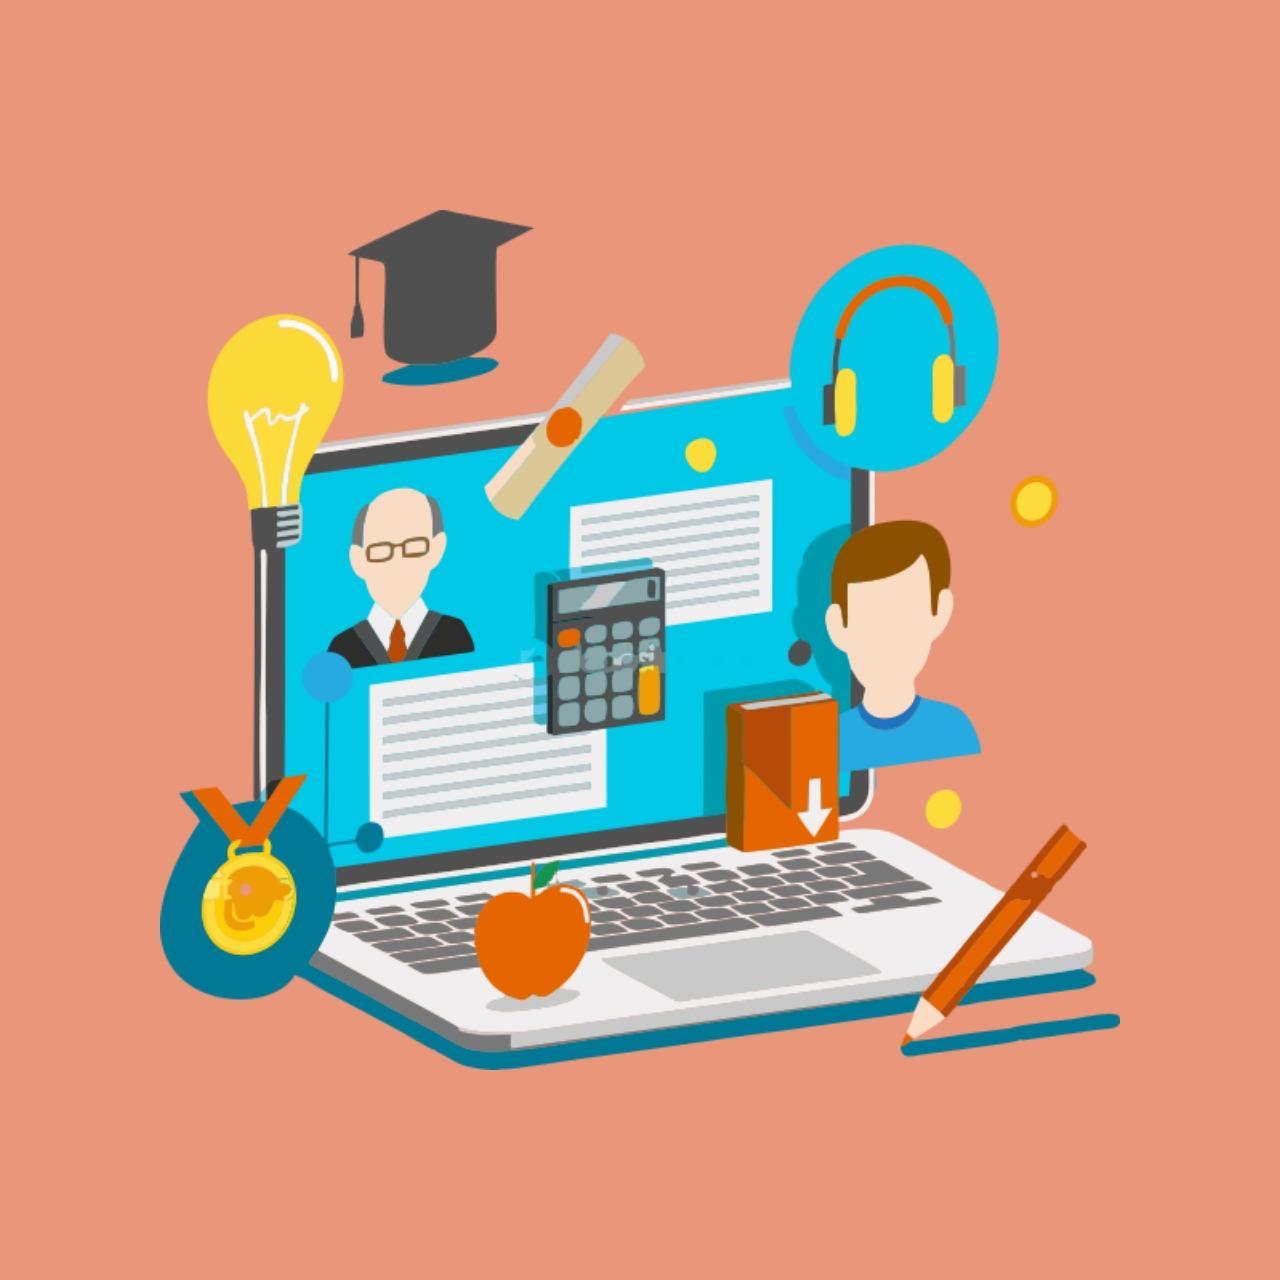 Pengertian Perencanaan Pembelajaran, Prinsip, Fungsi, Tujuan dan Langkah Menyusunnya